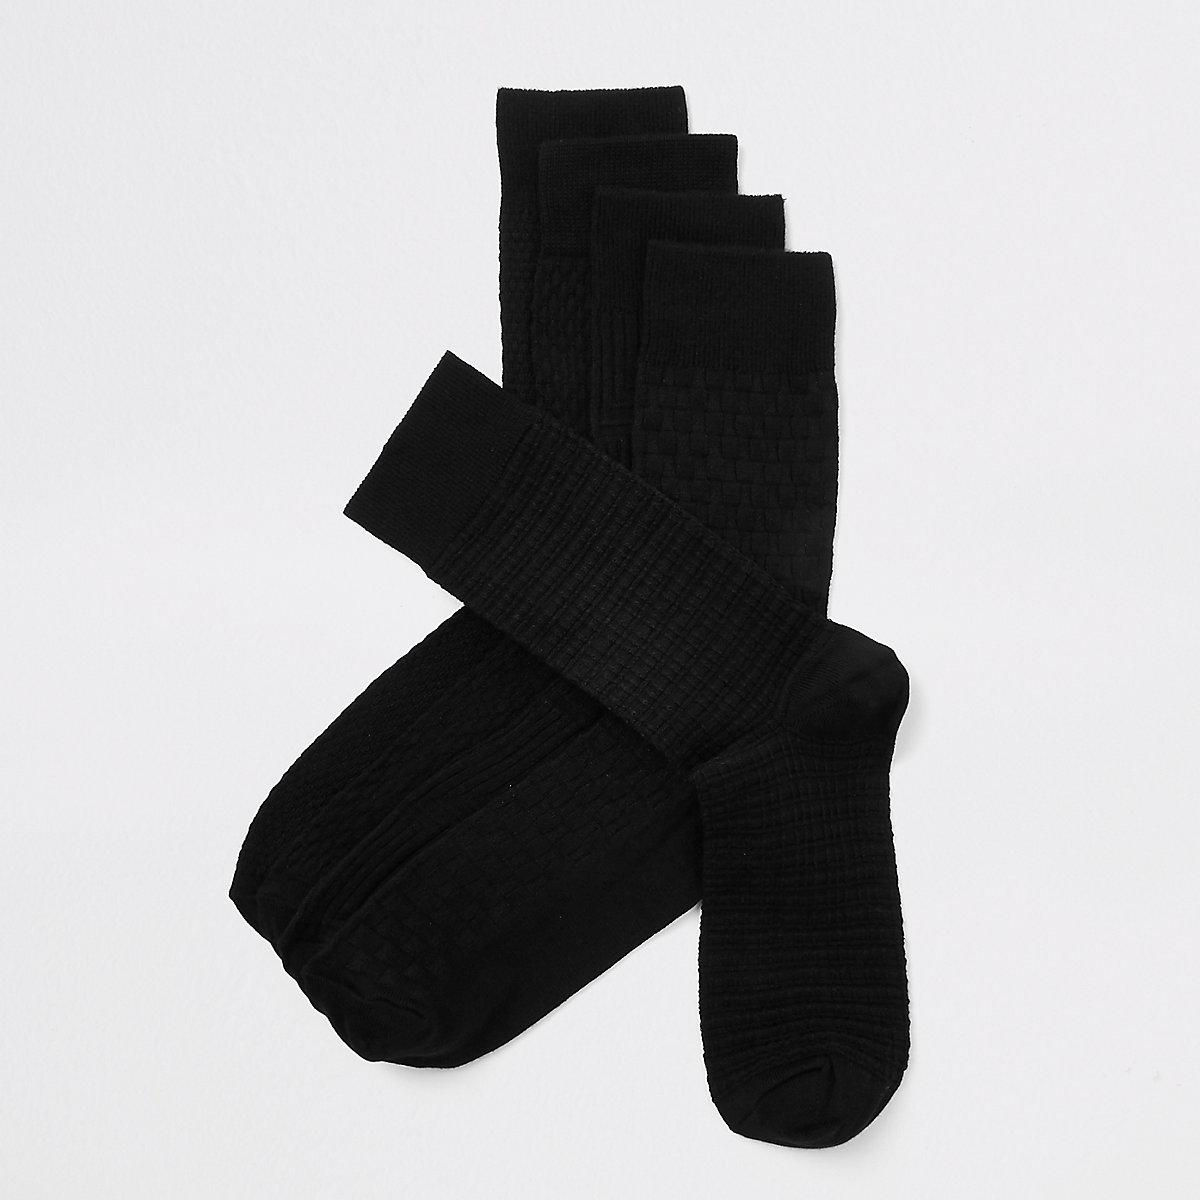 Black bamboo socks 5 pack